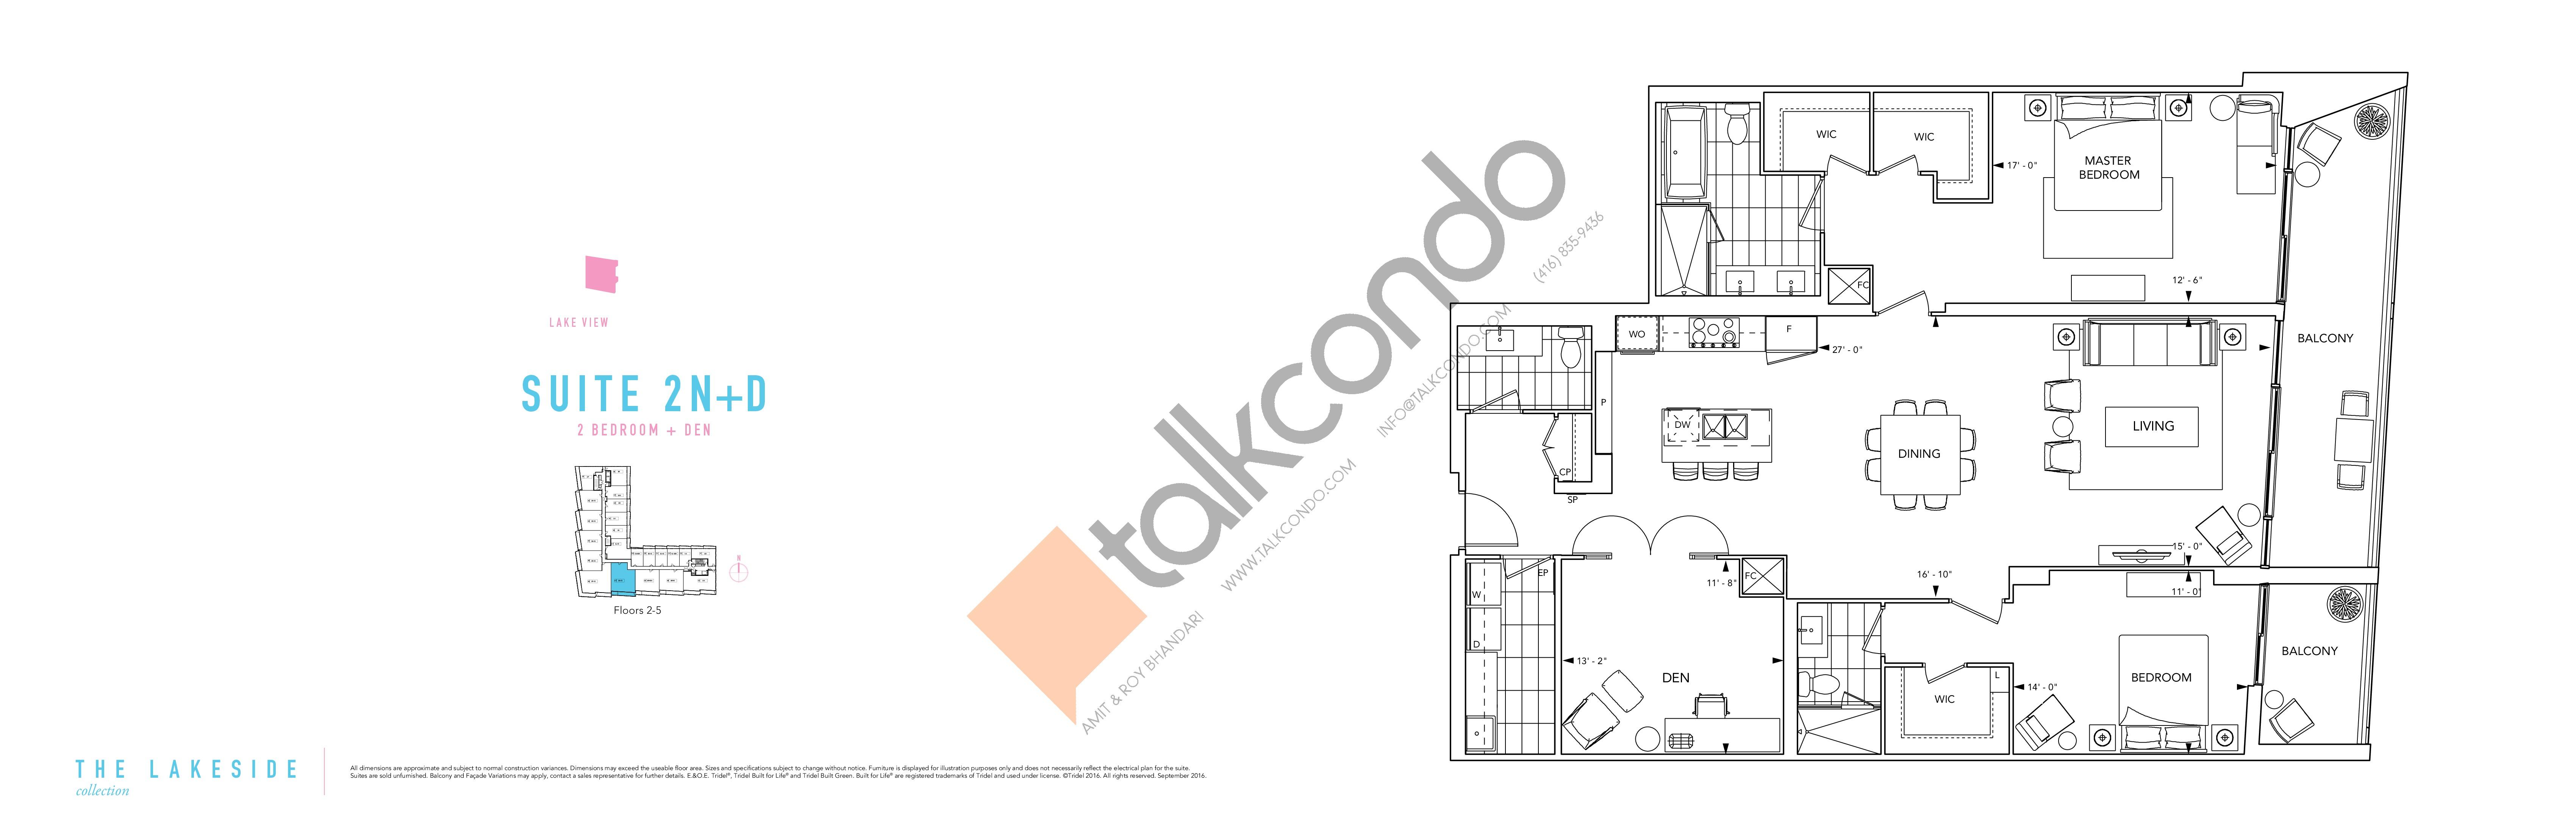 Suite 2N+D Floor Plan at Aquabella Condos - 1841 sq.ft